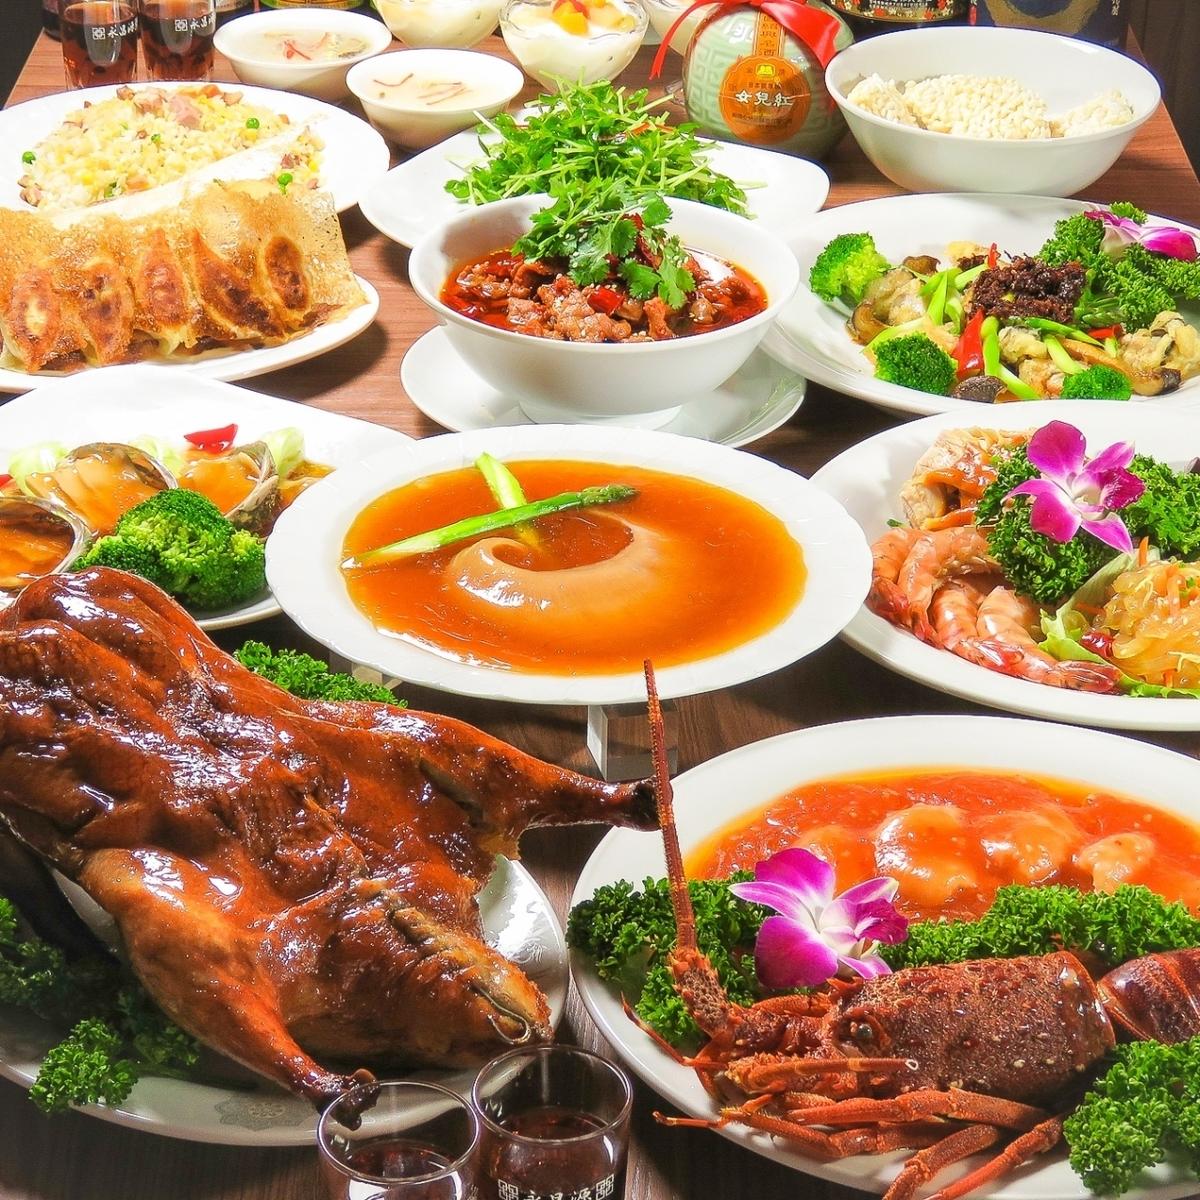 精選豪華套餐13項2小時所有你可以吃所有項目10800日元⇒9000日元